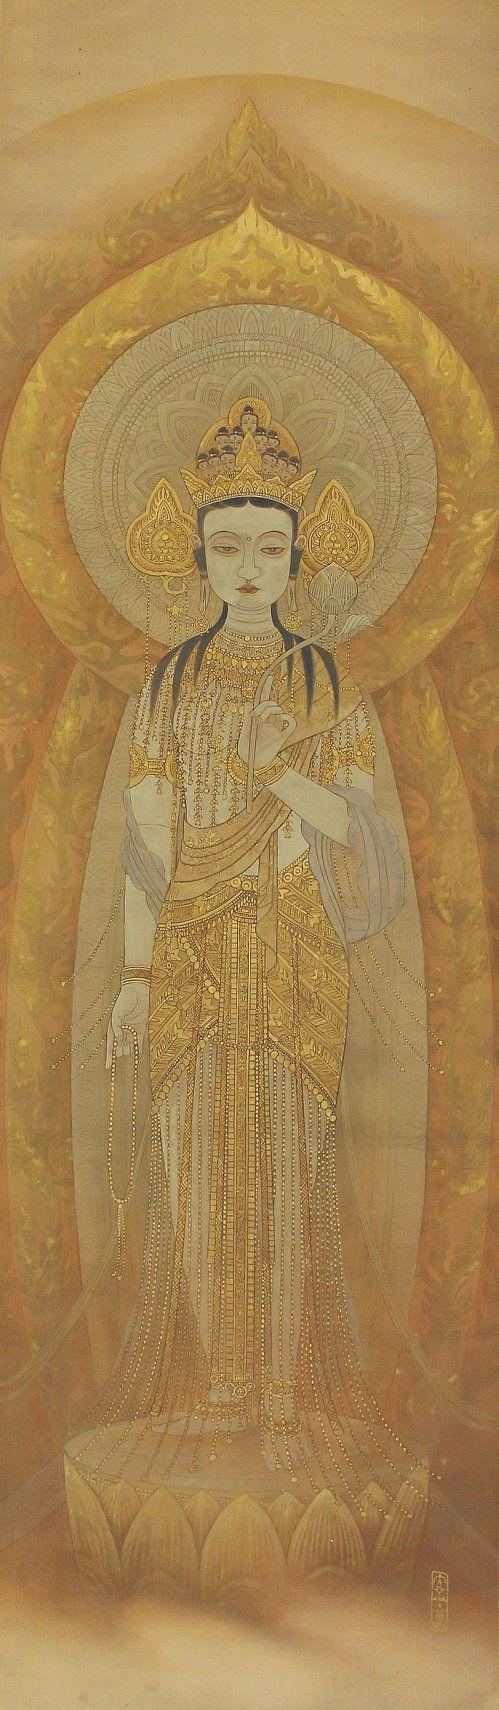 Golden eleven-headed kannon, Godded of Mercy. Buddhist fine art.